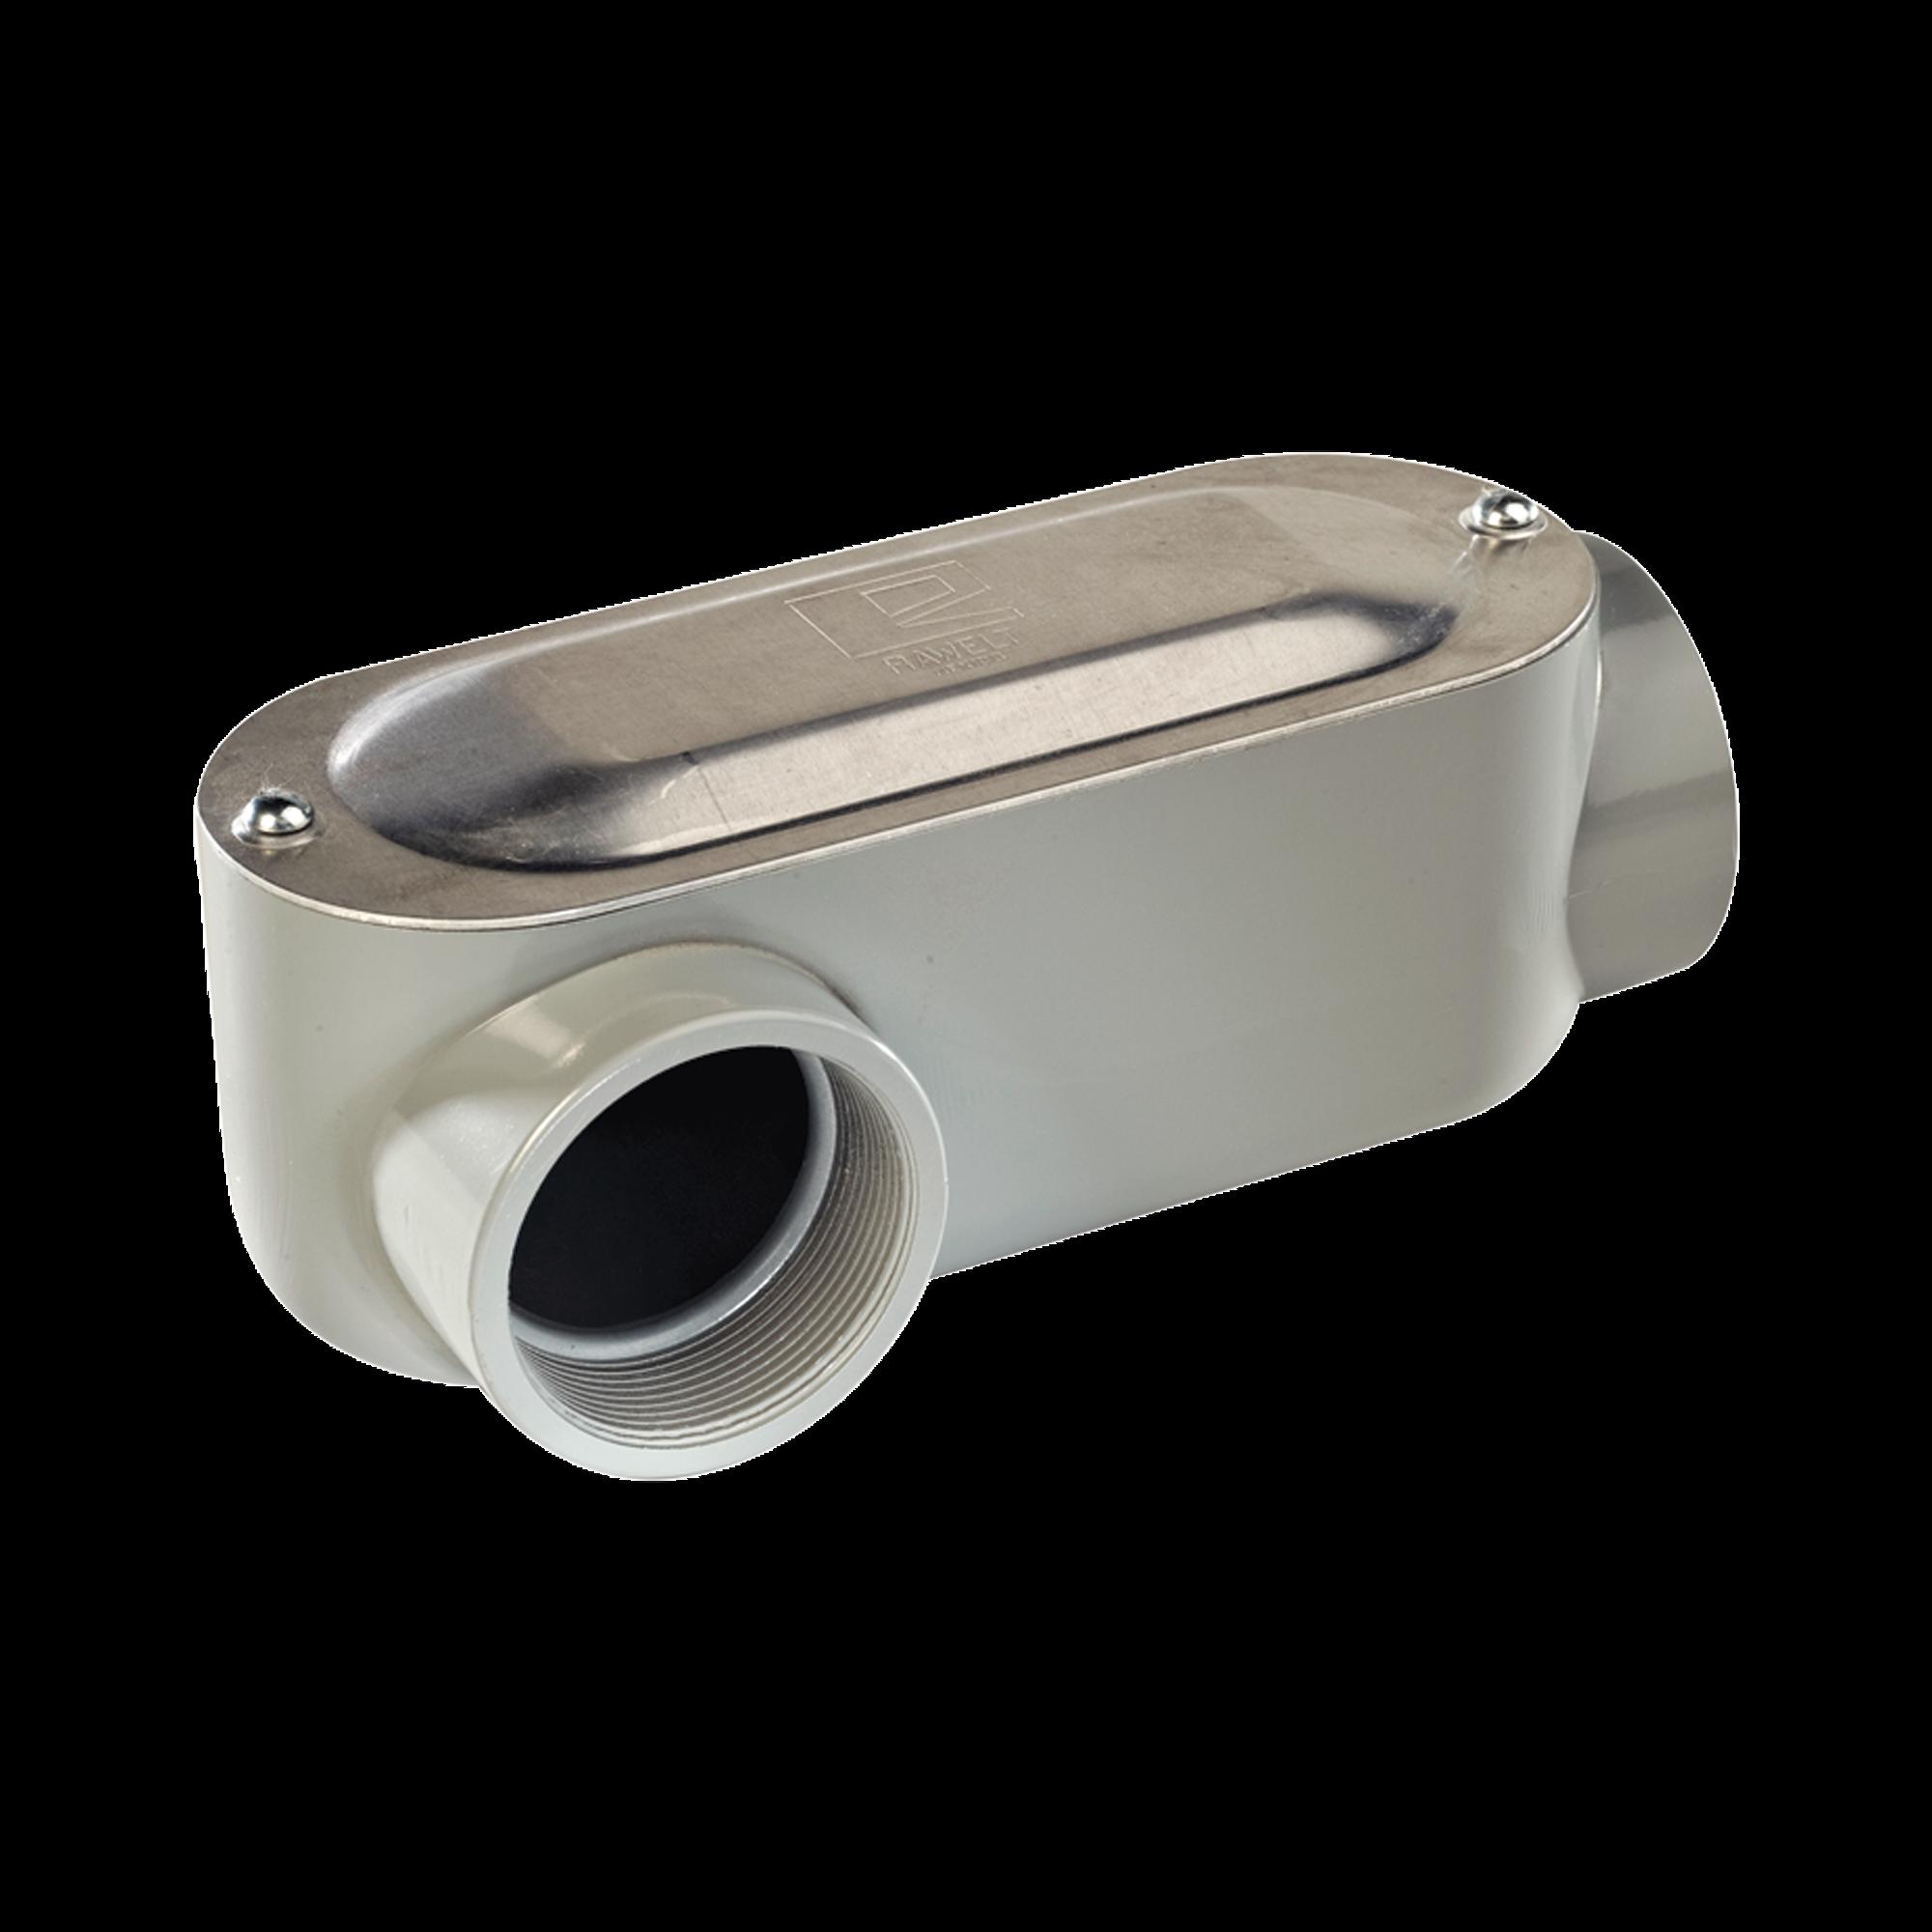 Caja Condulet tipo LR de 3/4 (19.05 mm) Incluye tapa y tornillos.